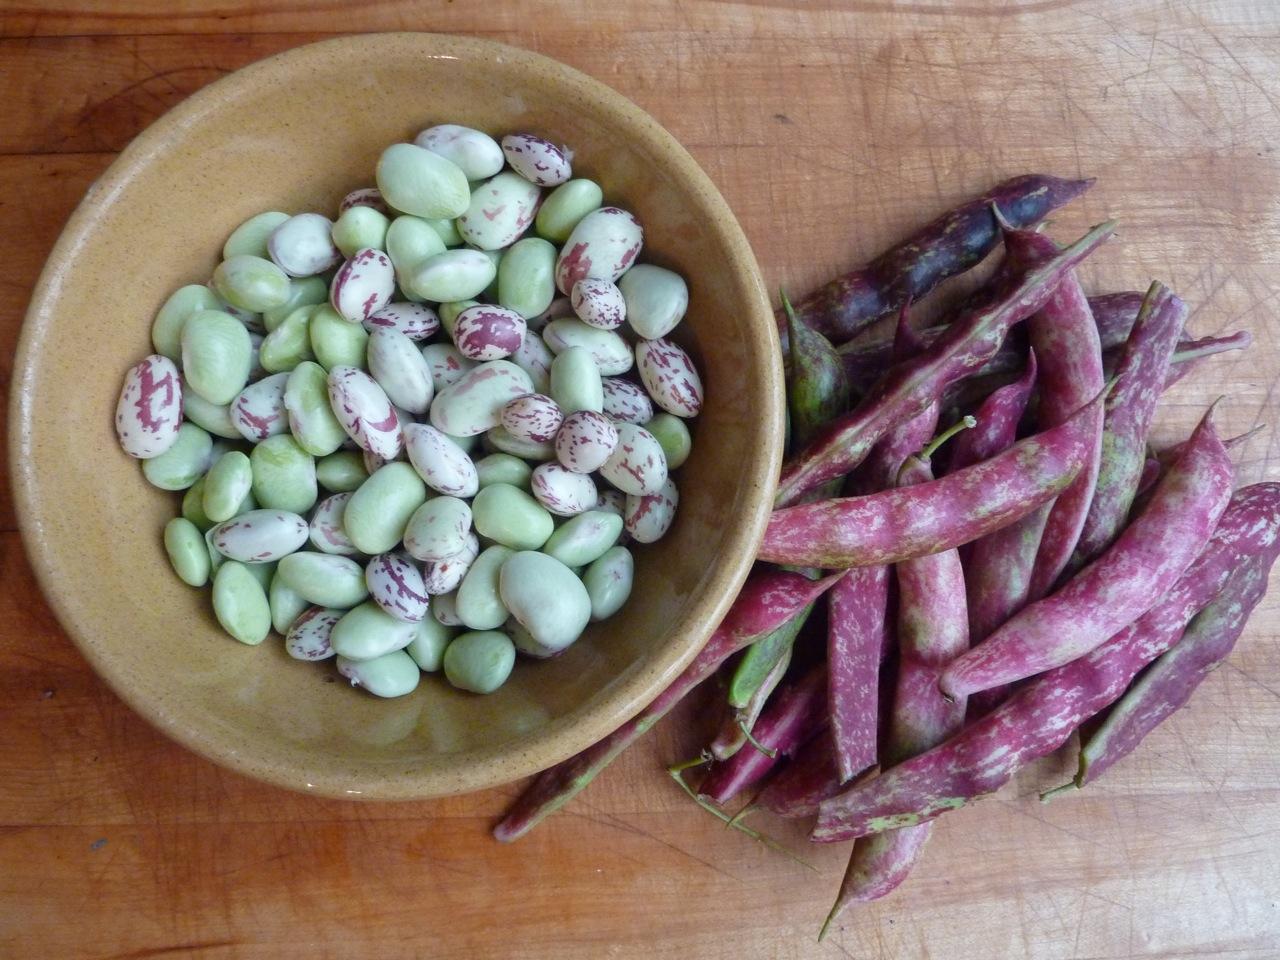 October - Freshly podded borlotti beans